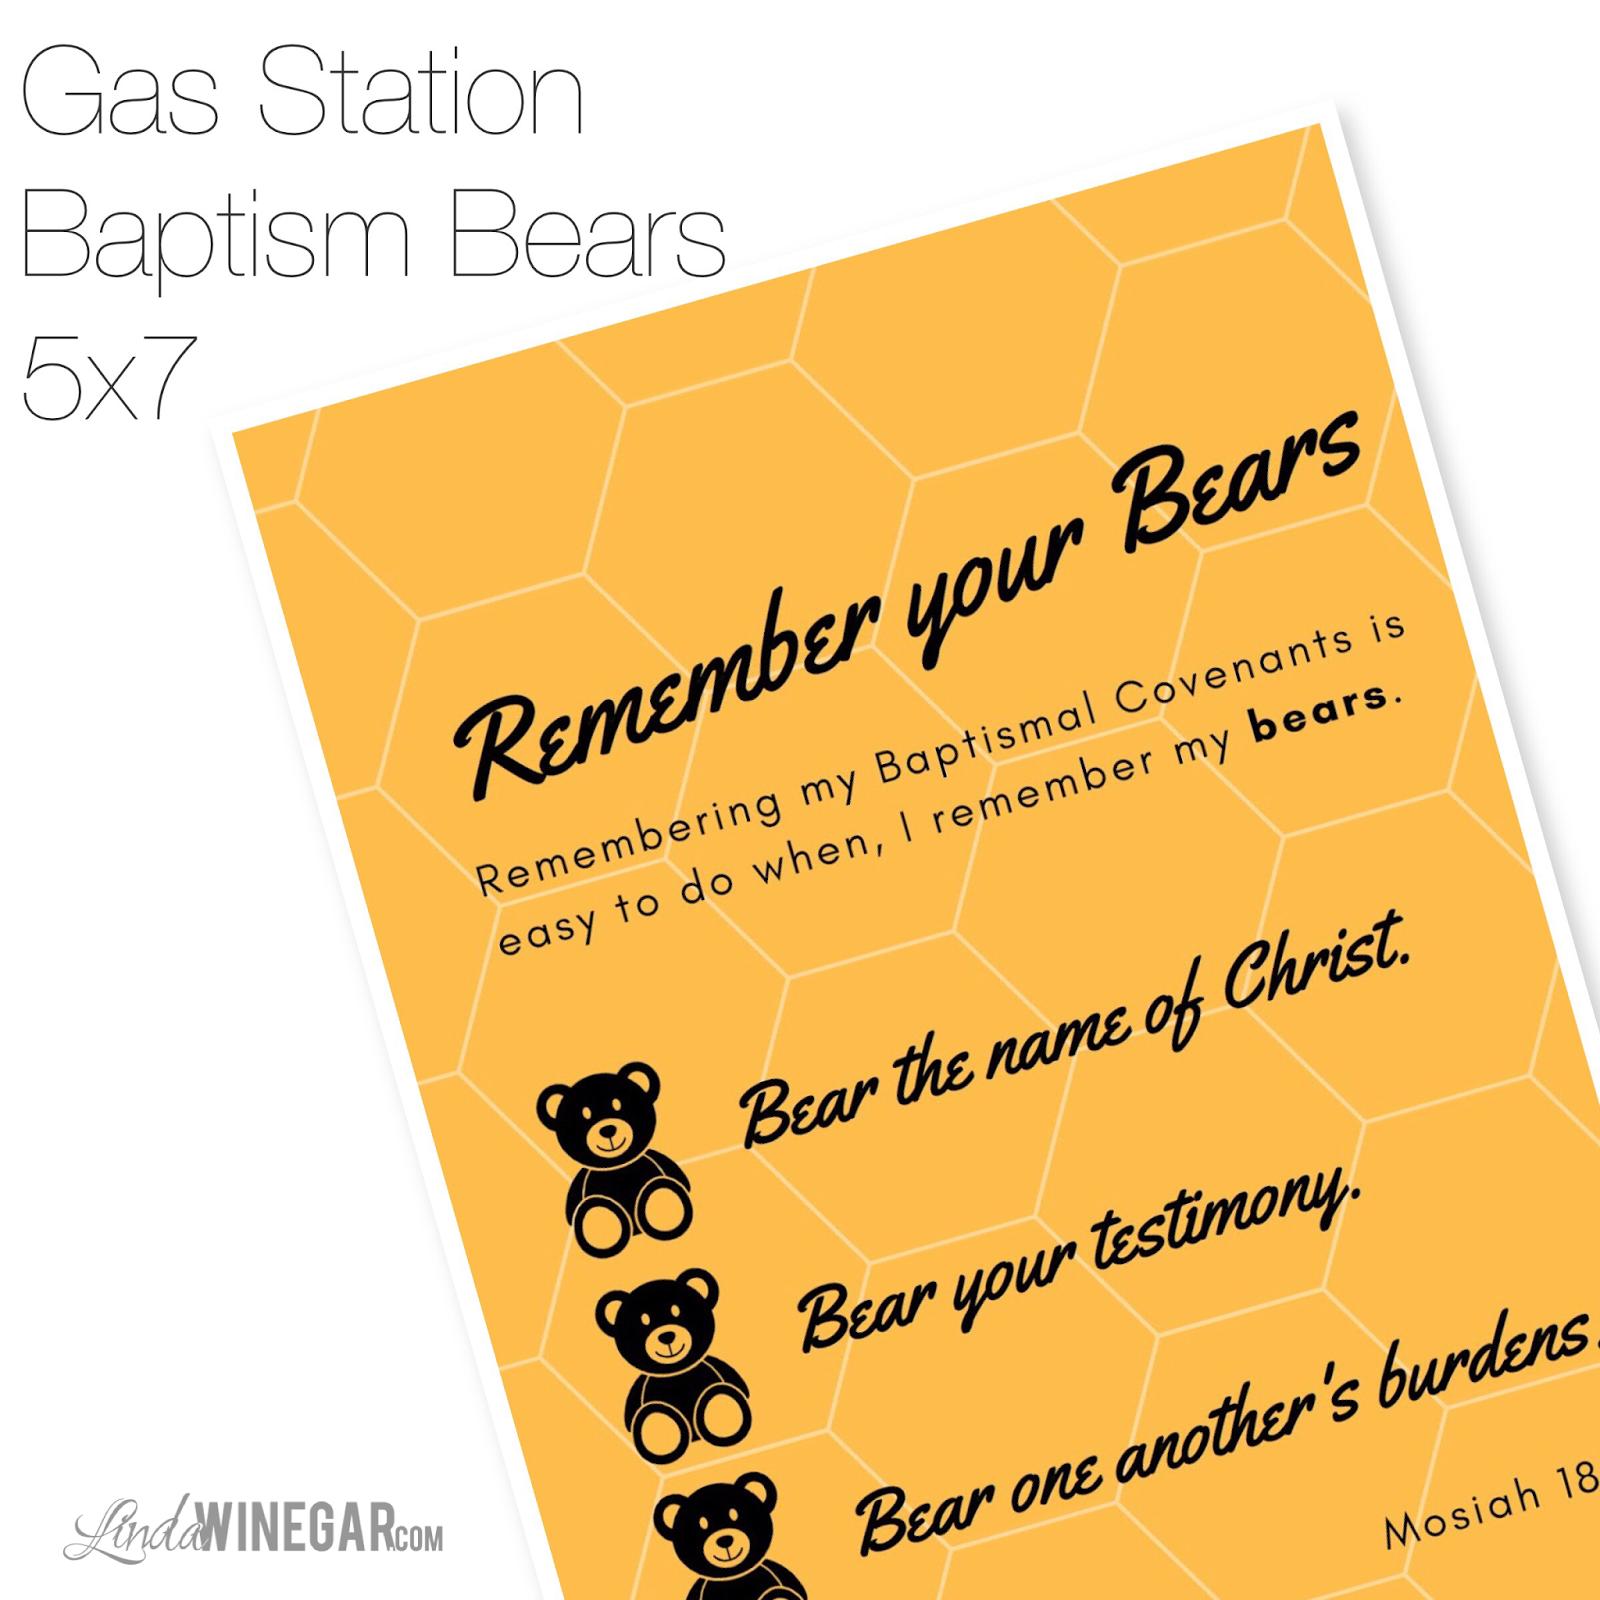 baptism bears 4x6 lindawinegar png [ 1600 x 1600 Pixel ]